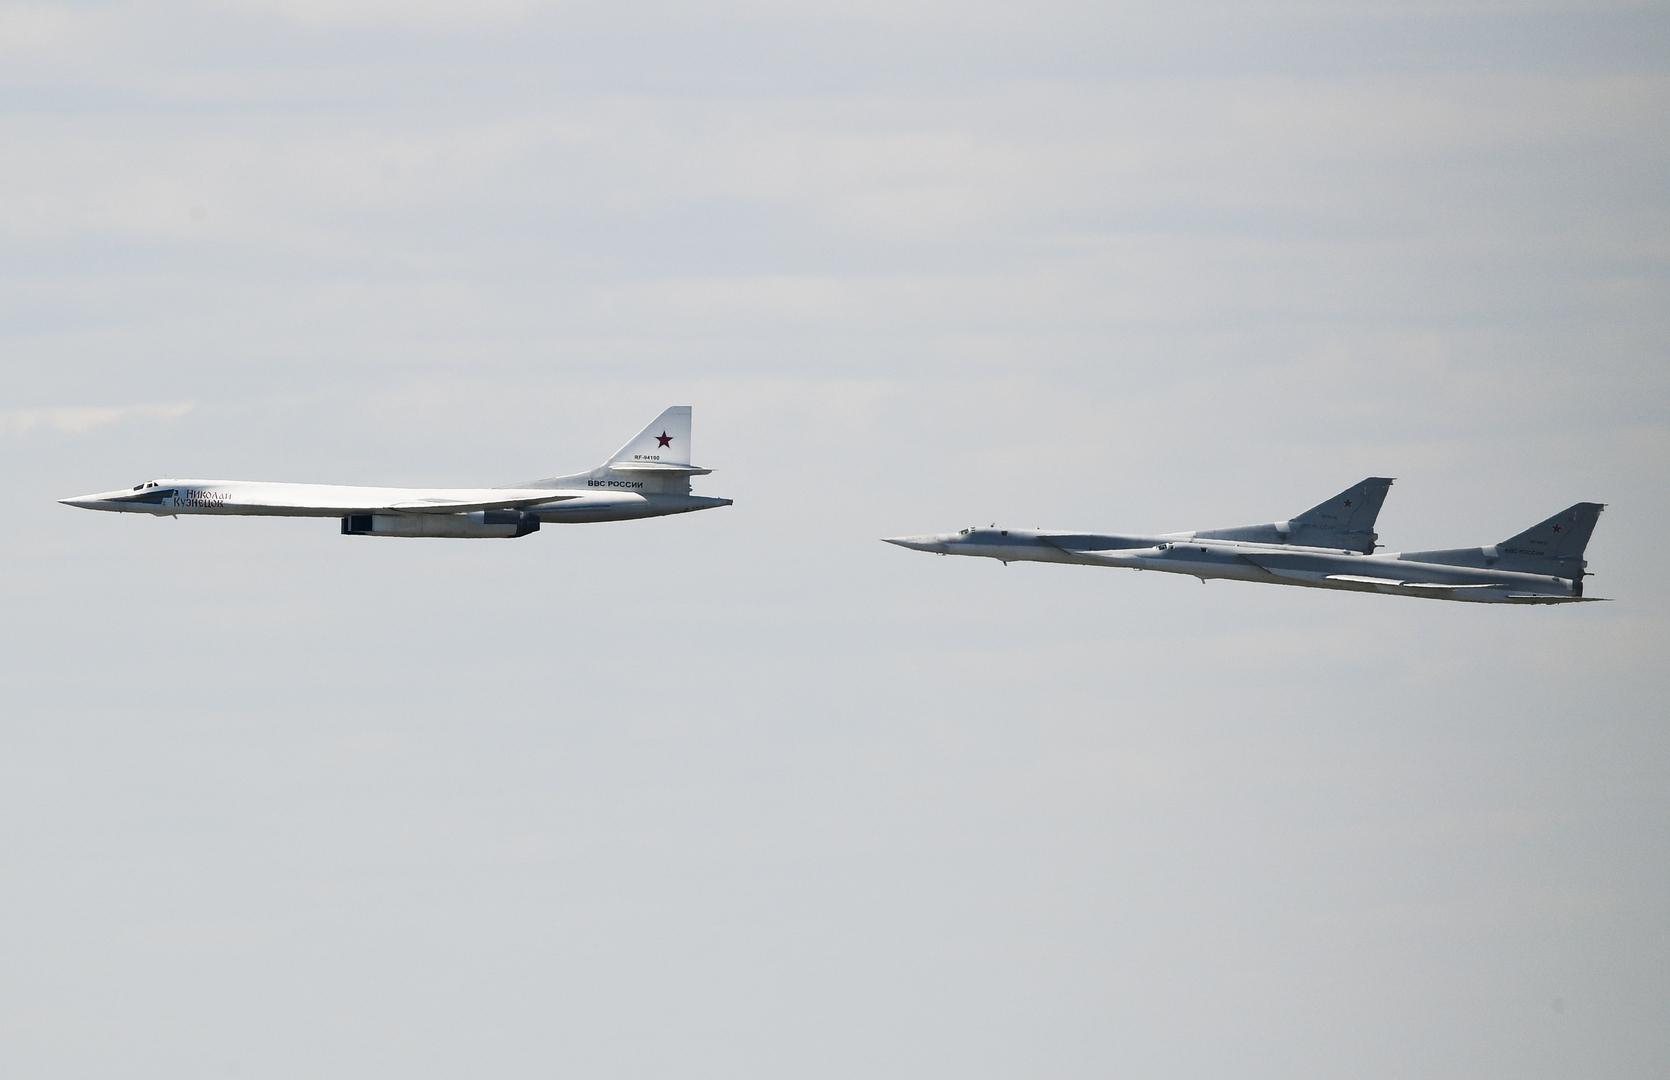 قاذفات القنابل الاستراتيجية الروسية تنفذ عمليات إطلاق لصواريخ مجنحة في القطب الشمالي